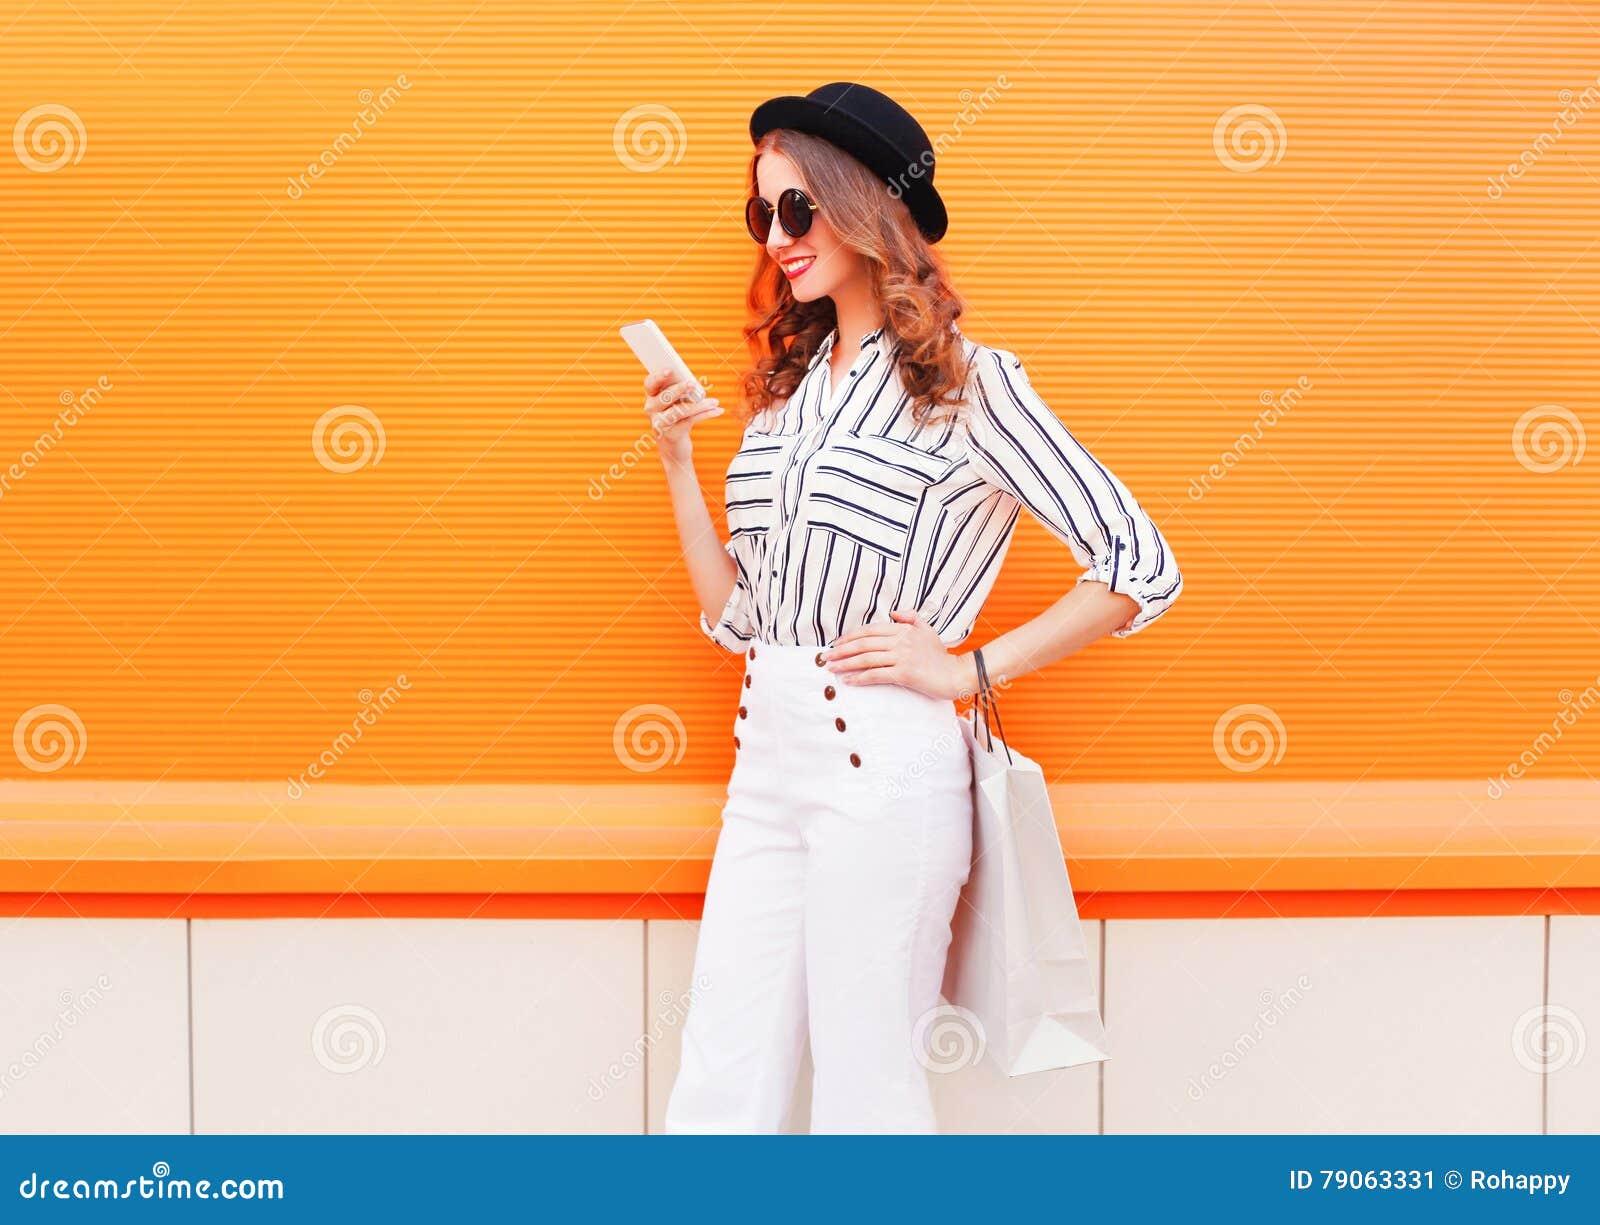 Μόδας αρκετά ευτυχές νέο χαμόγελου smartphone χρησιμοποίησης γυναικών πρότυπο με τις τσάντες αγορών που φορούν τα άσπρα εσώρουχα